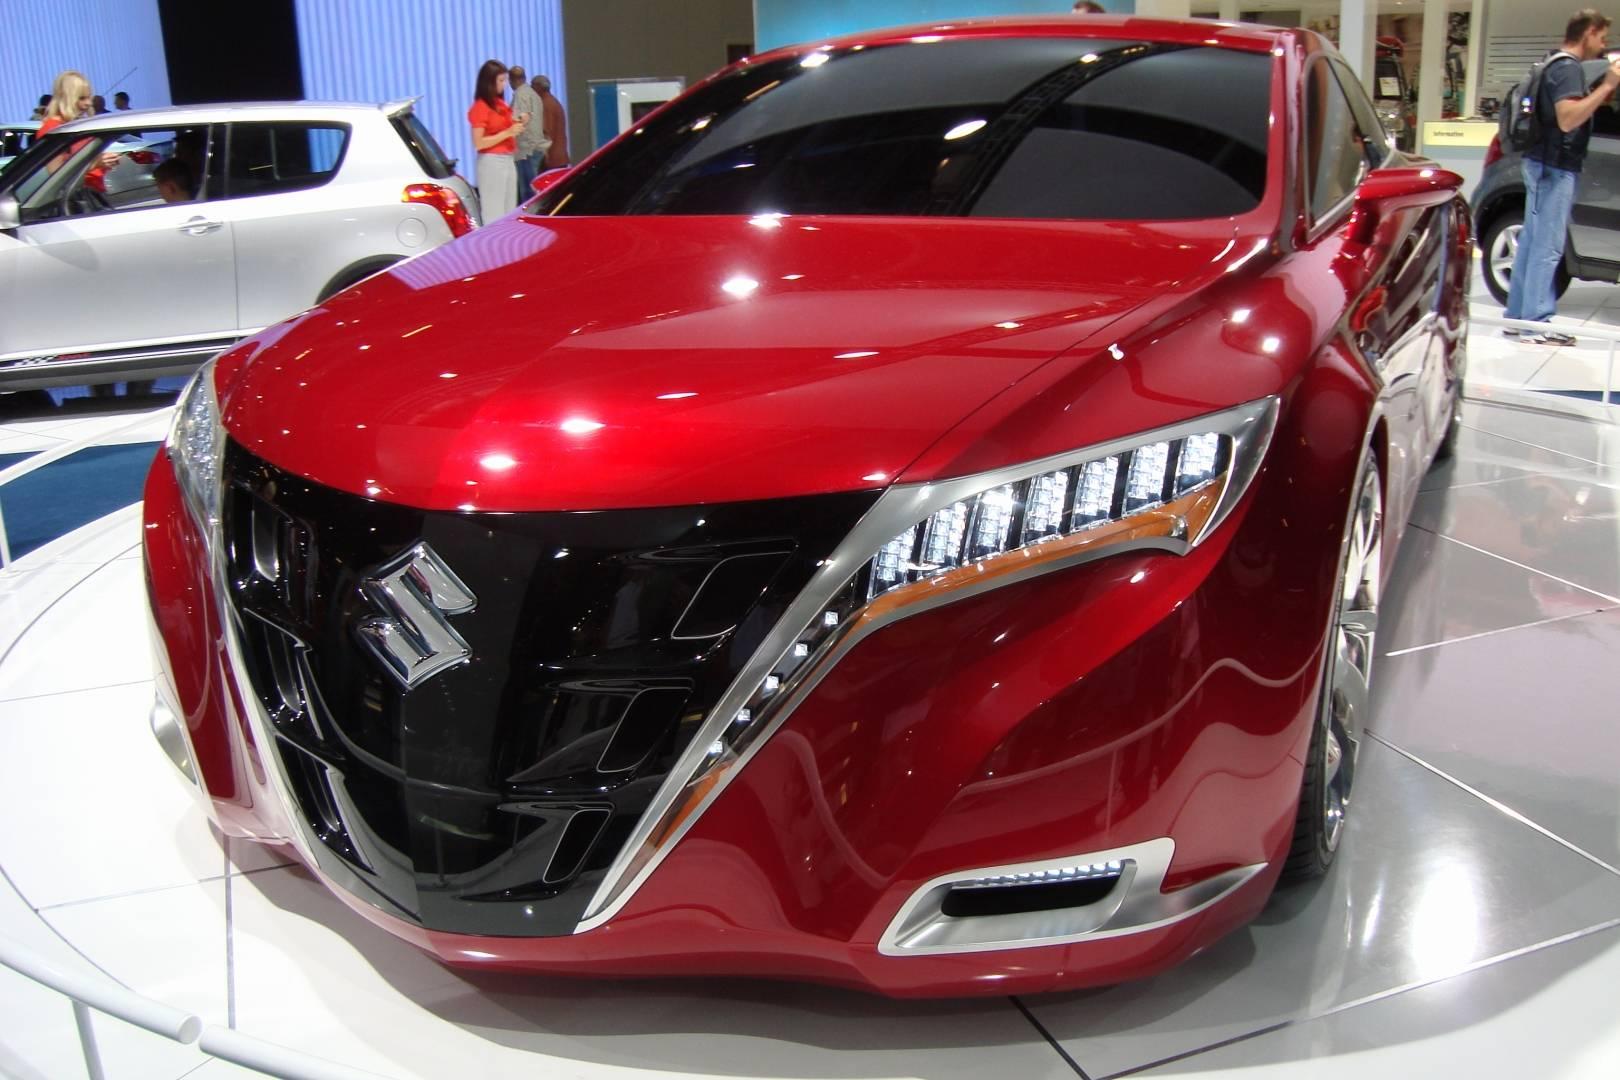 Авто за миллион: выбираем самый оснащенный и ликвидный седан на вторичке